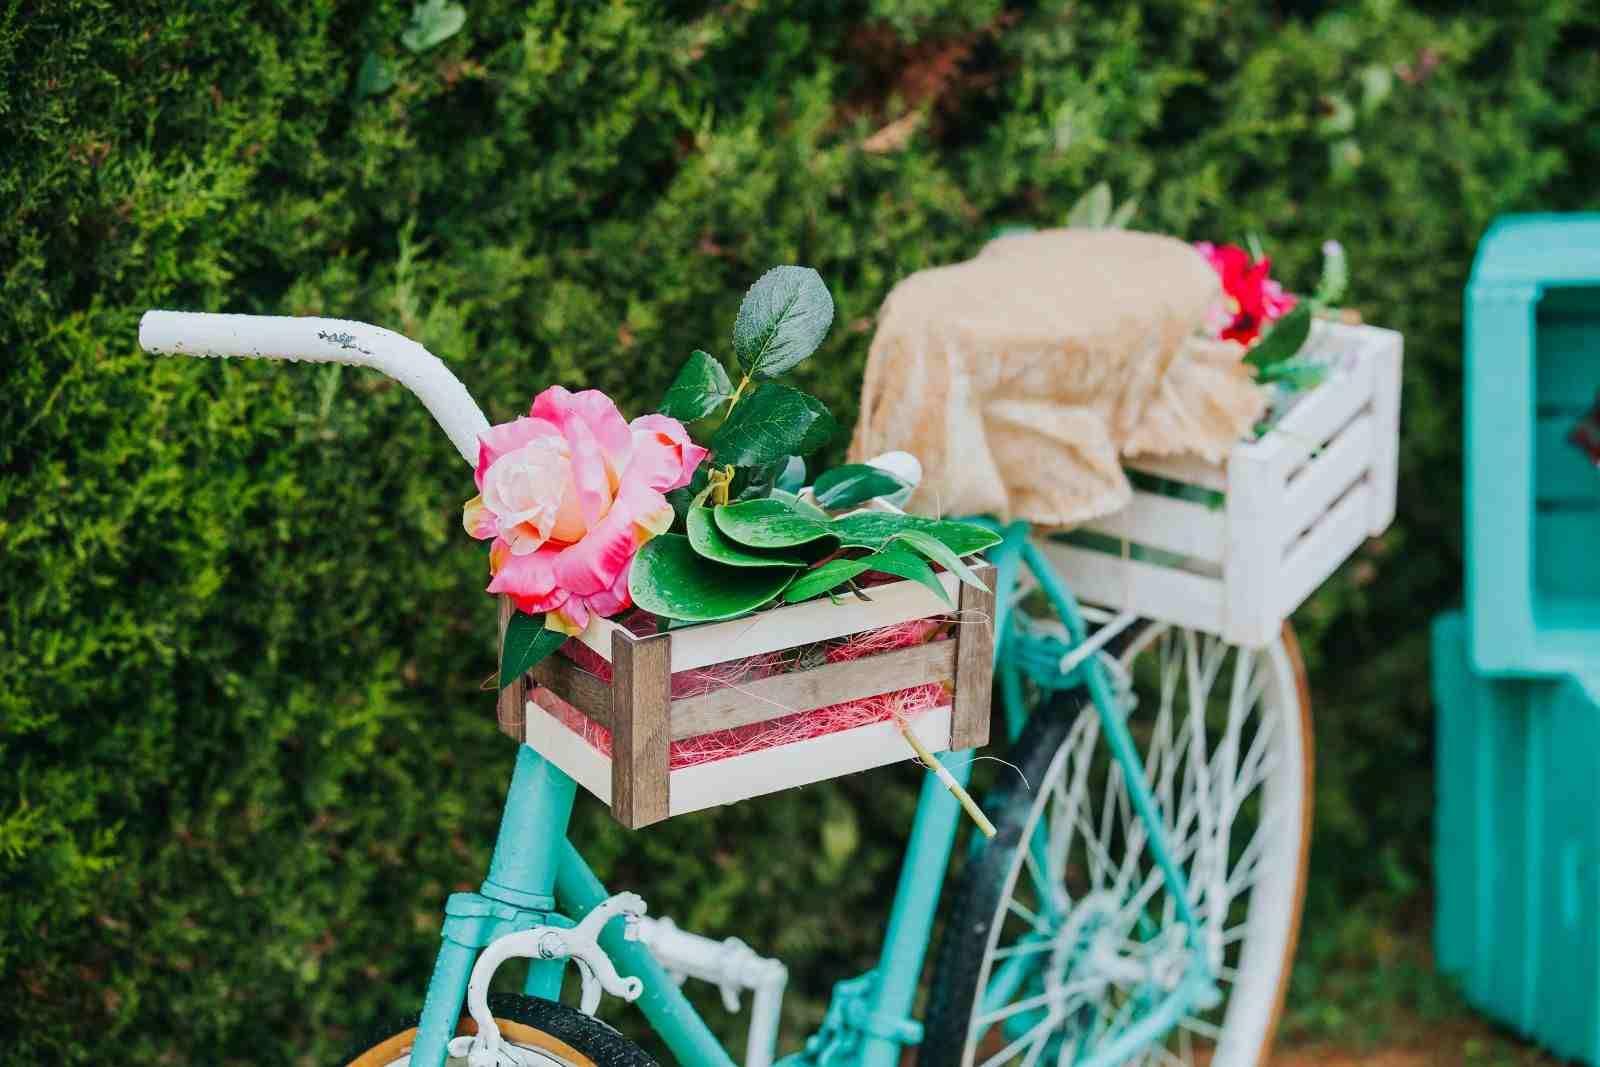 Vélo Déco Jardin En 20 Idées À Copier De Toute Urgence ... serapportantà Velo Deco Jardin